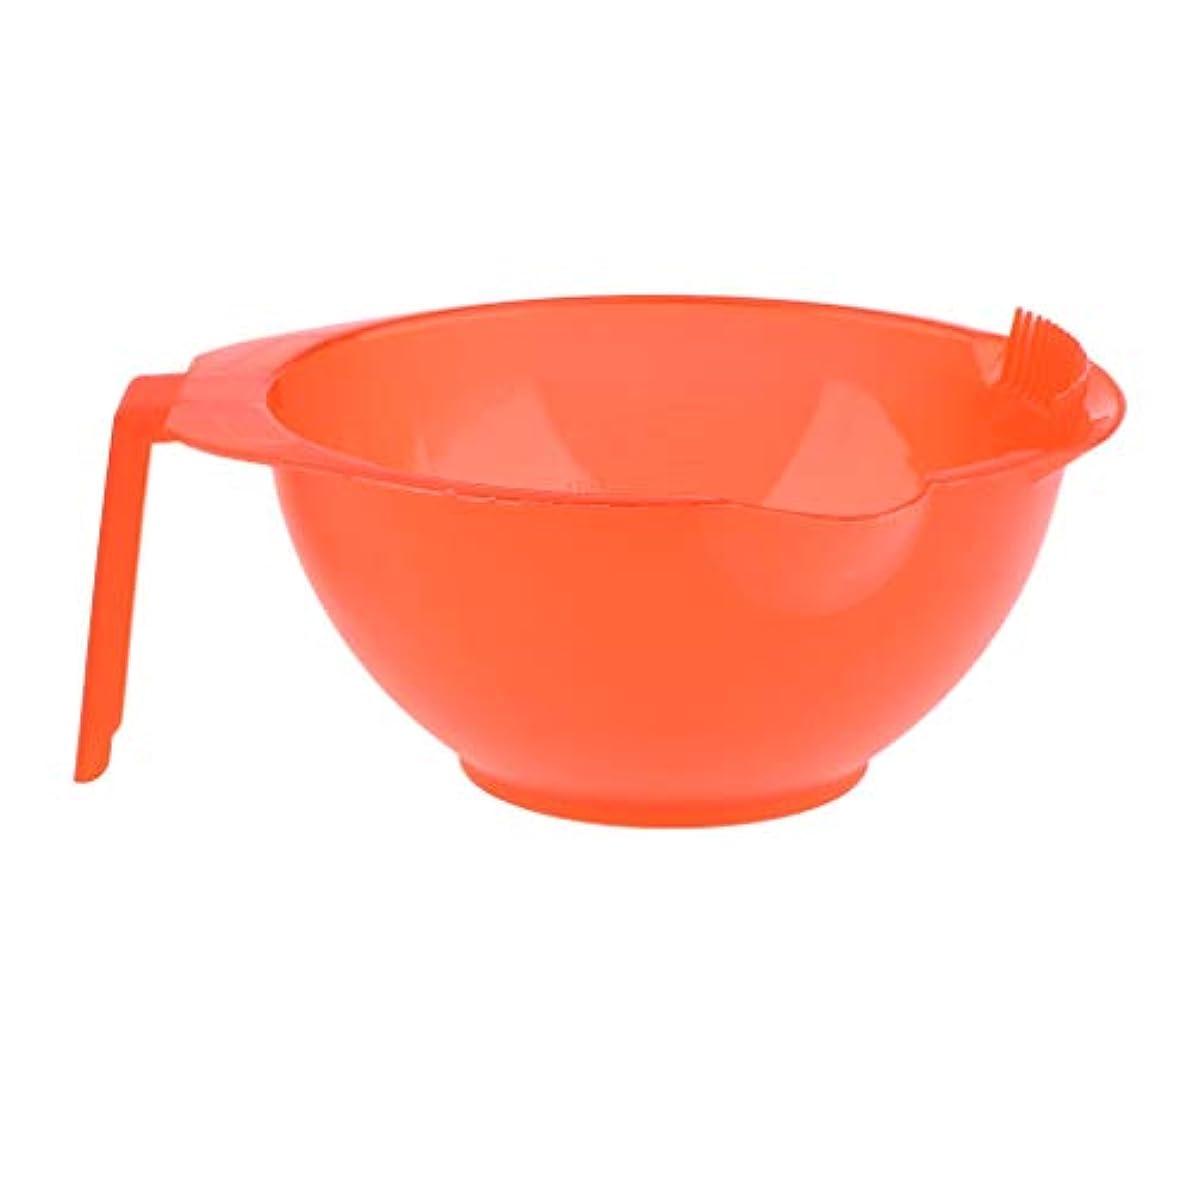 特徴考える半導体ヘアダイ ヘアカラー カップ 髪染め プラスチック製 家庭用 美容師 プロ用 5色選べ - 赤